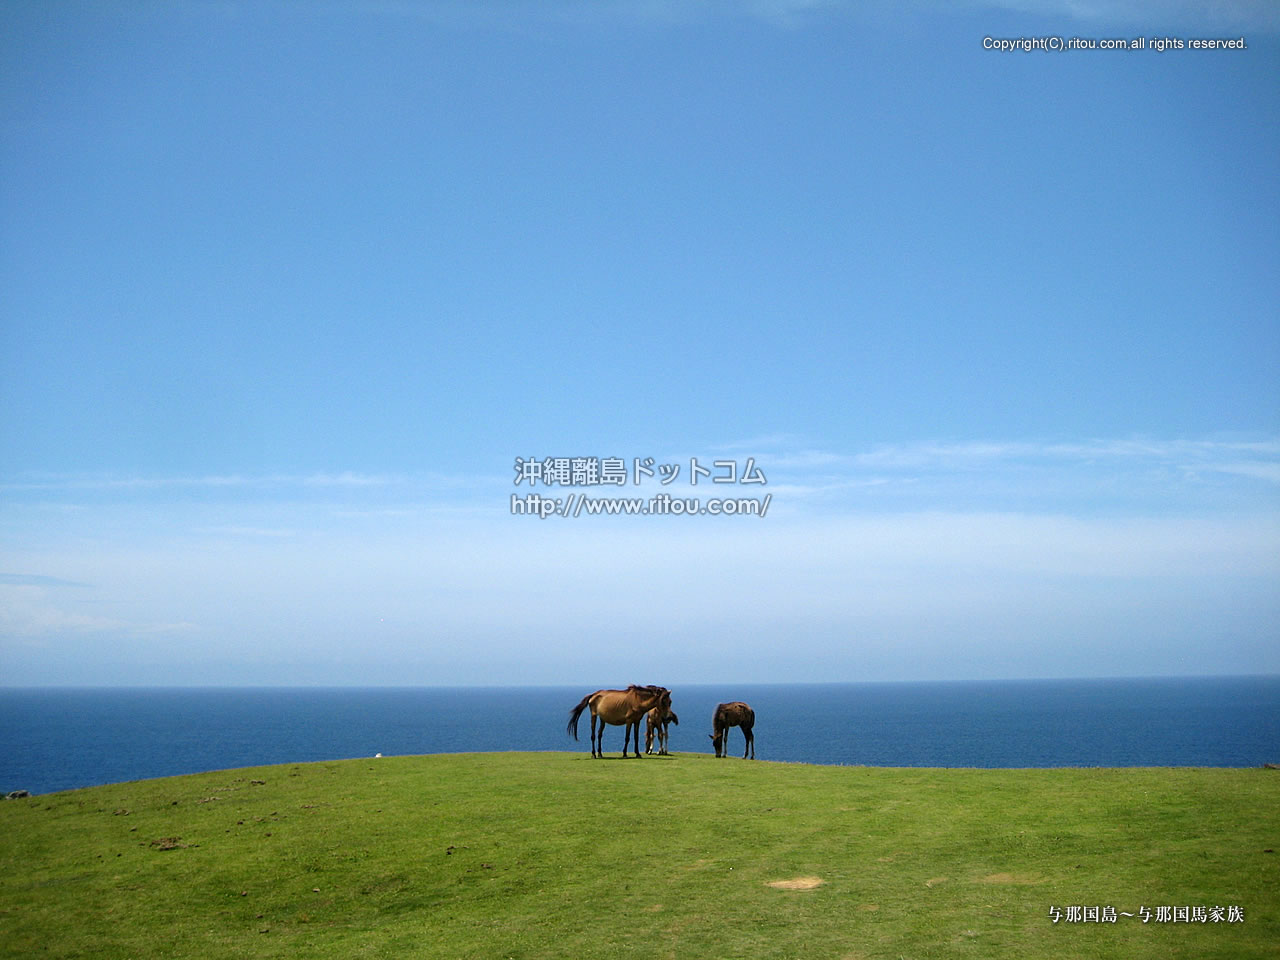 与那国島〜与那国馬家族